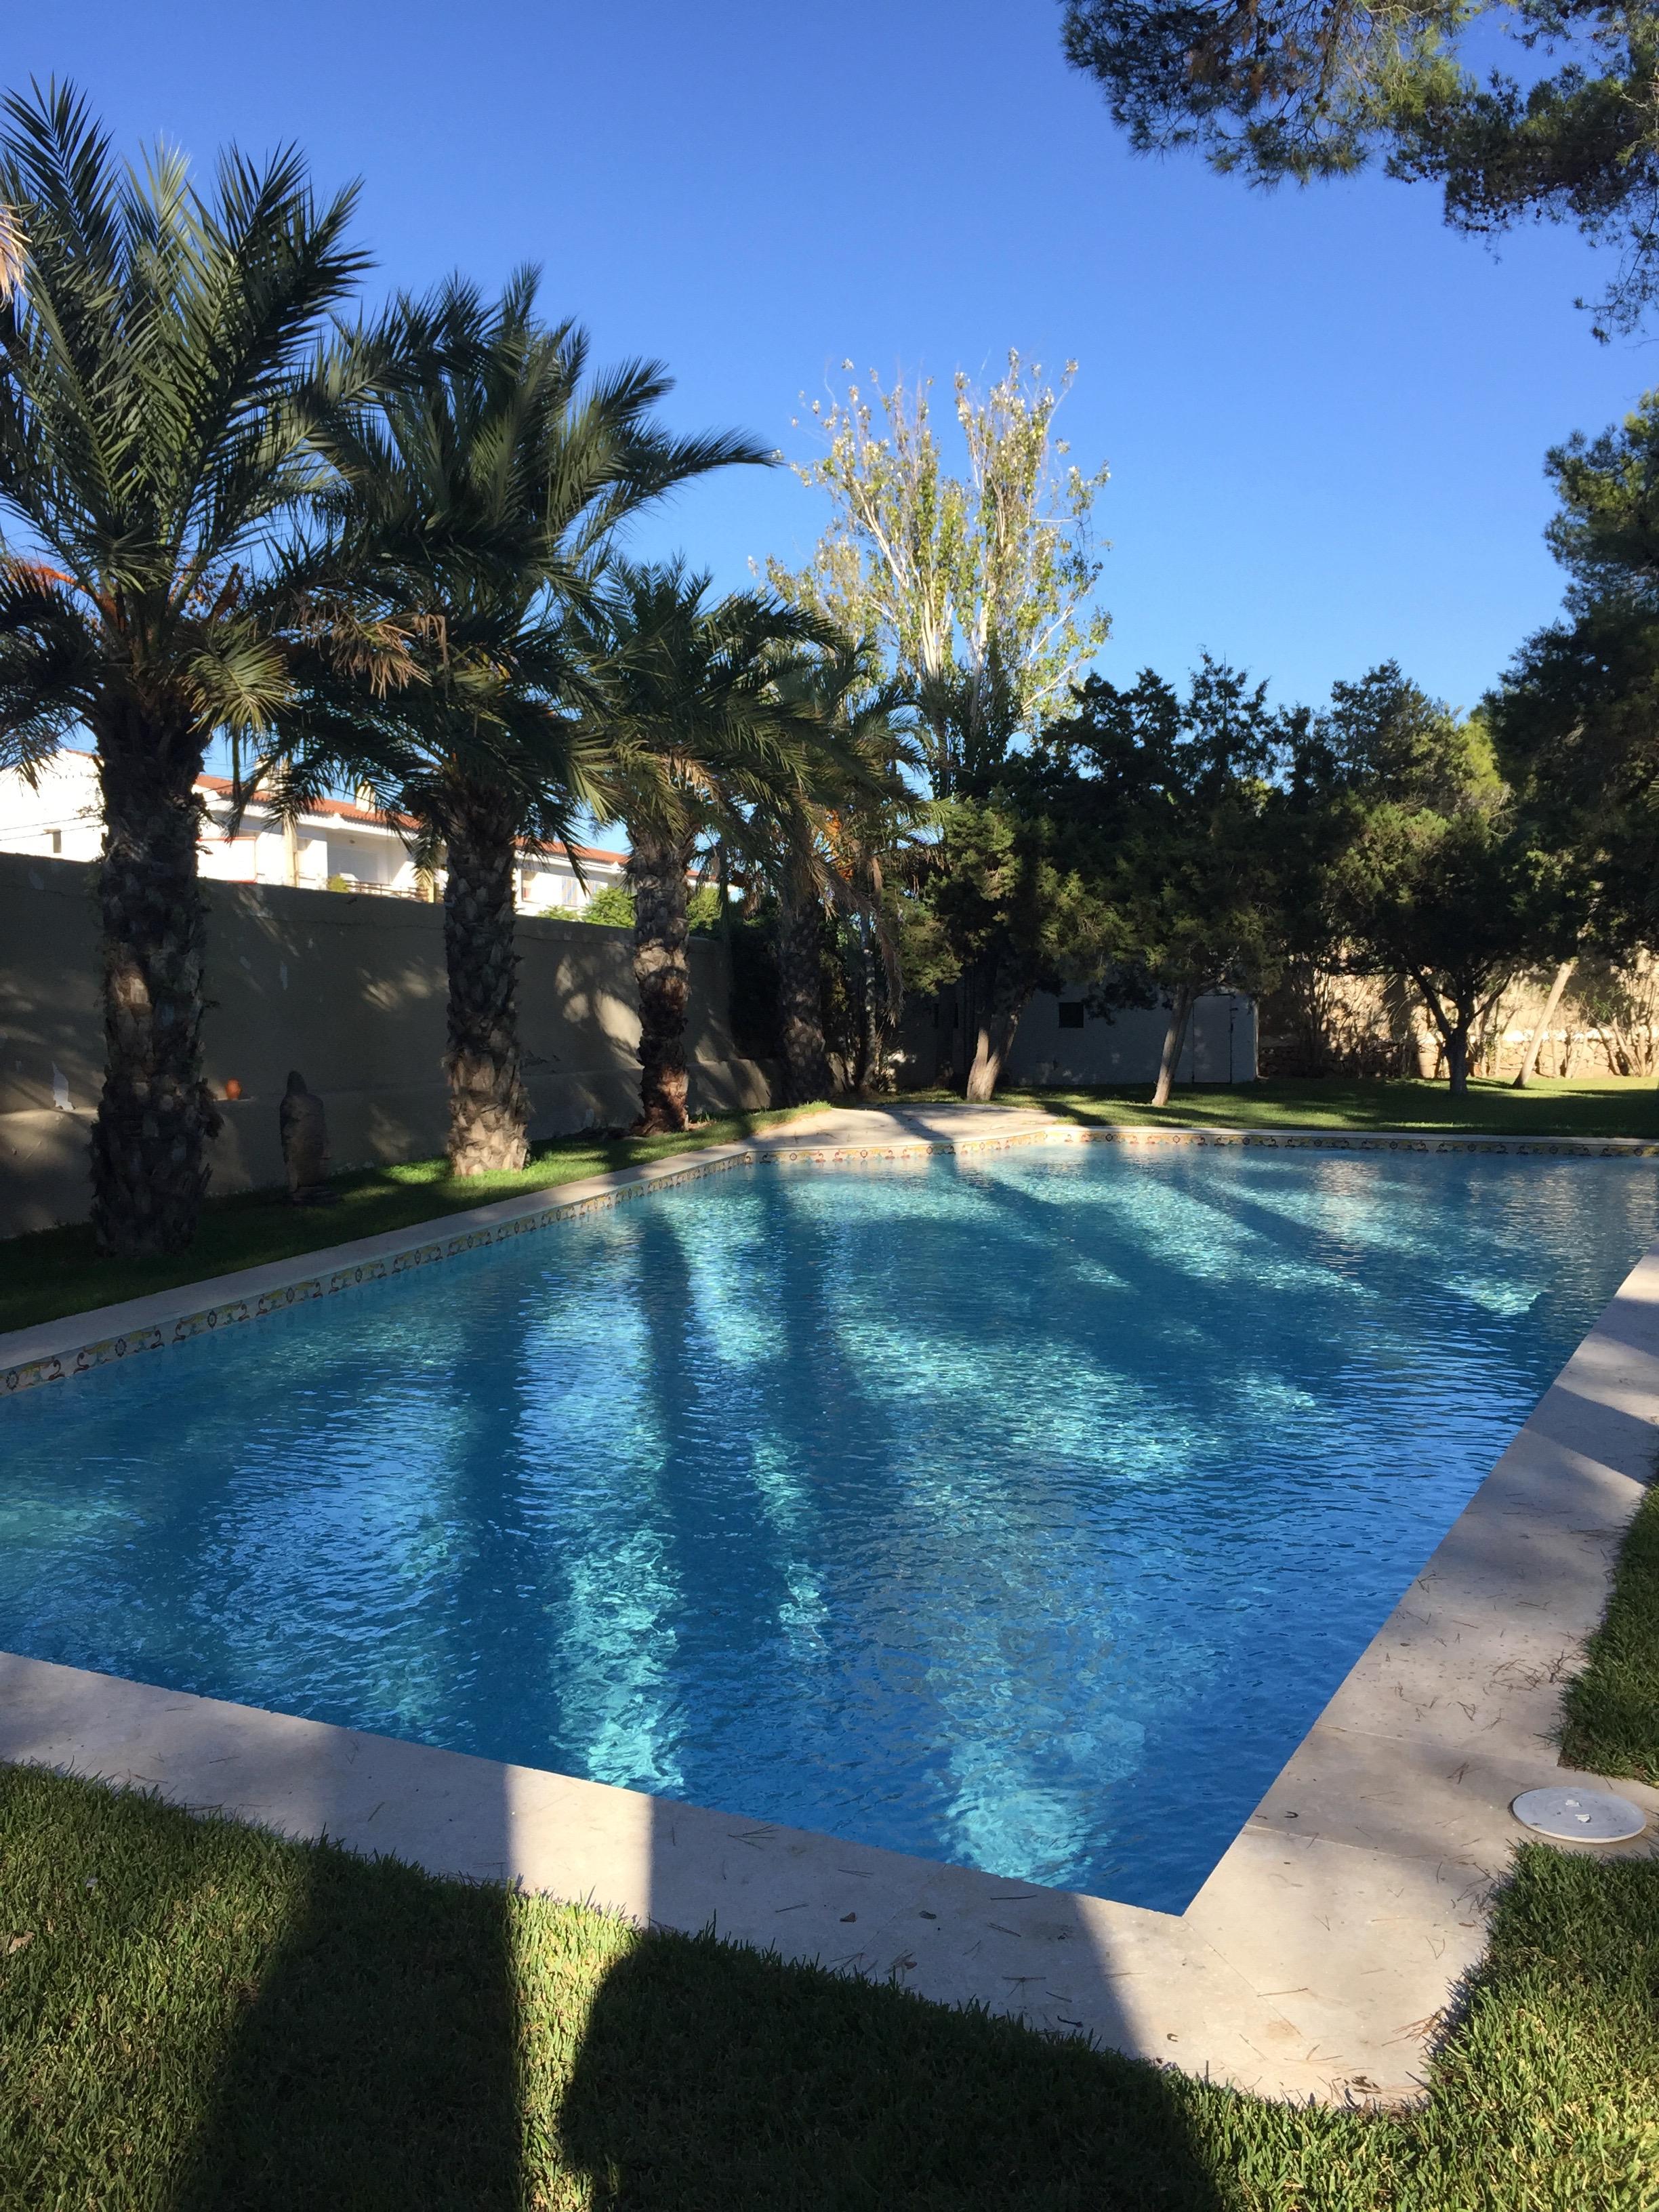 Swimming pool in Ibiza